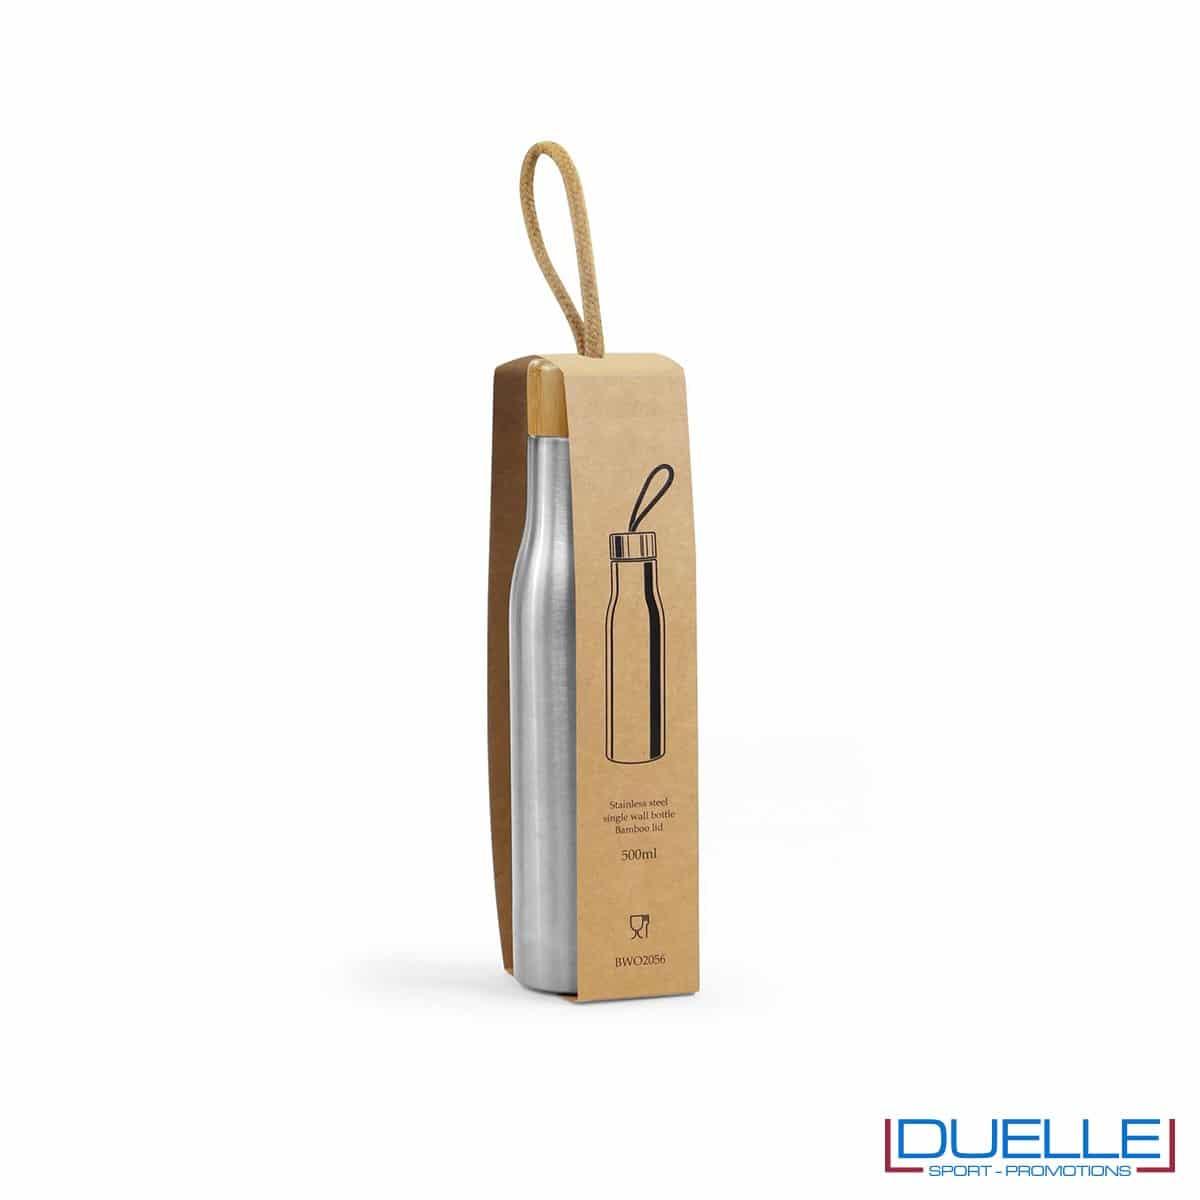 Borracce 500ml in acciaio inox con tappo in bambù personalizzata